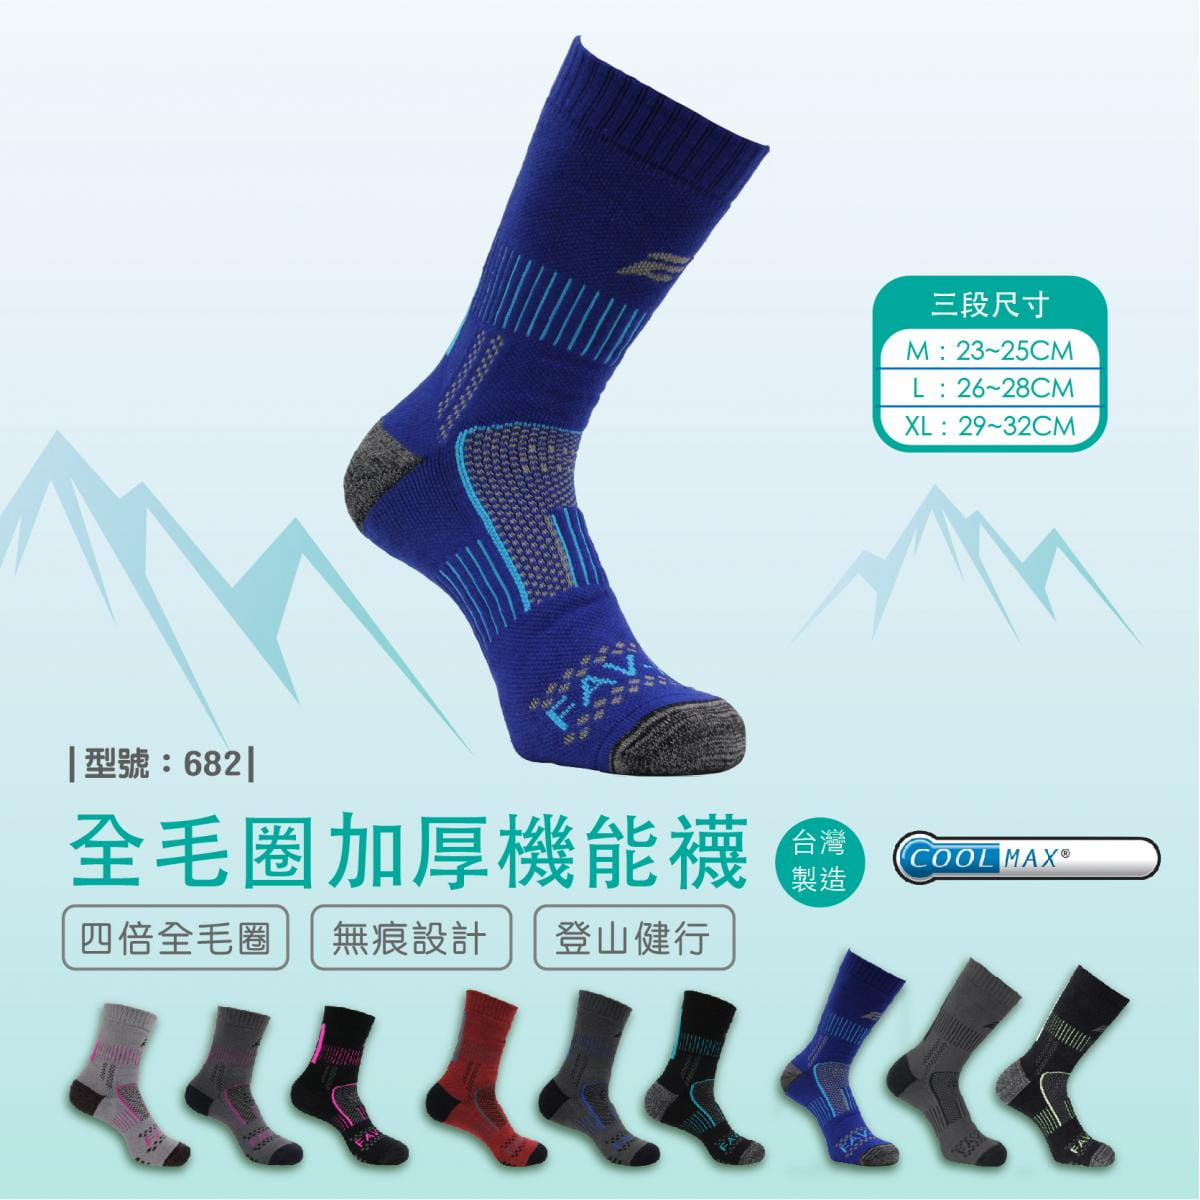 【FAV】加厚機能登山襪 0